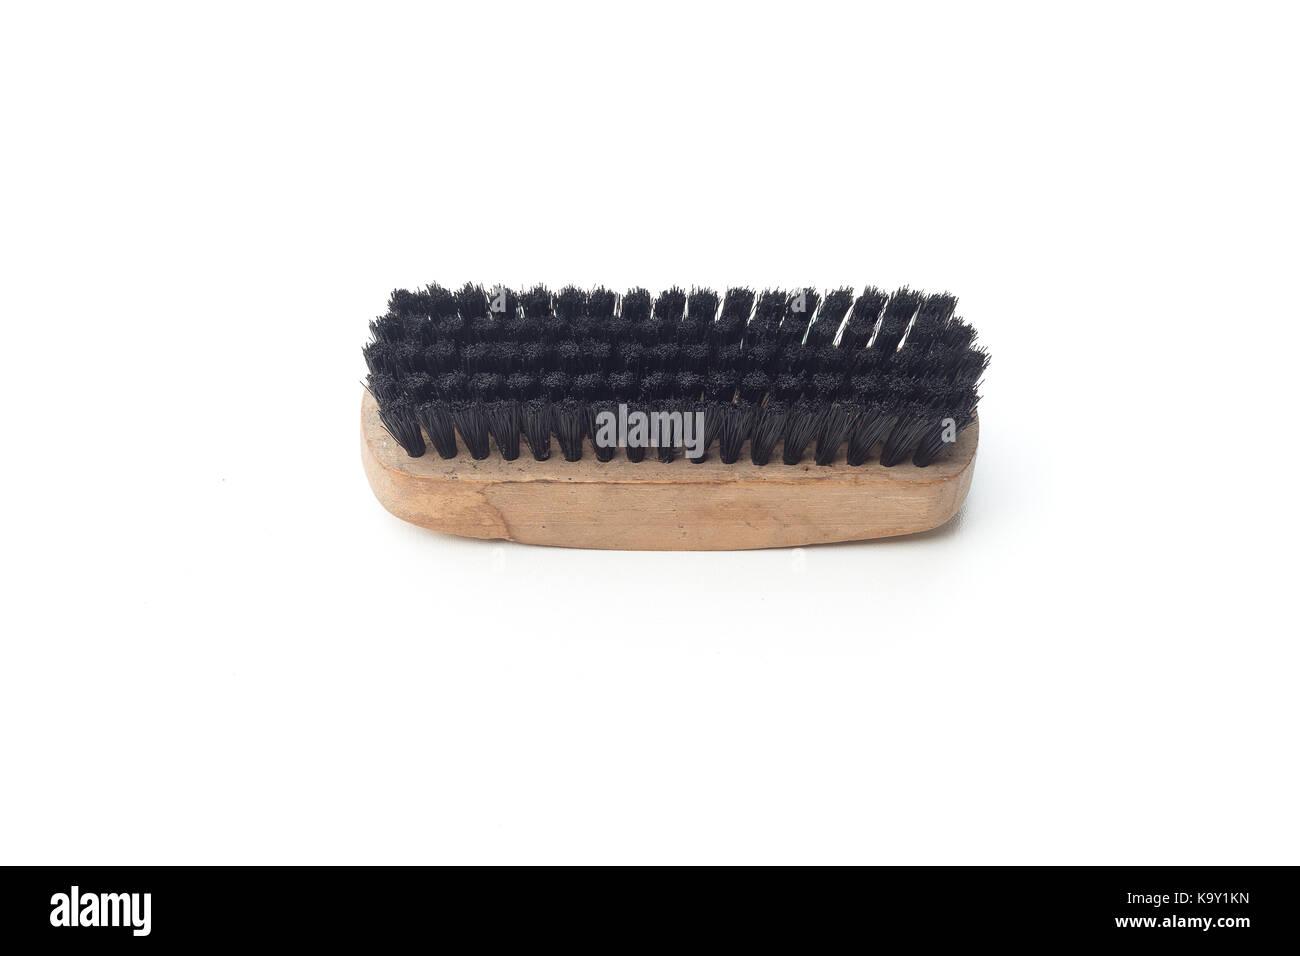 Old shoe brush isolated on white background - Stock Image